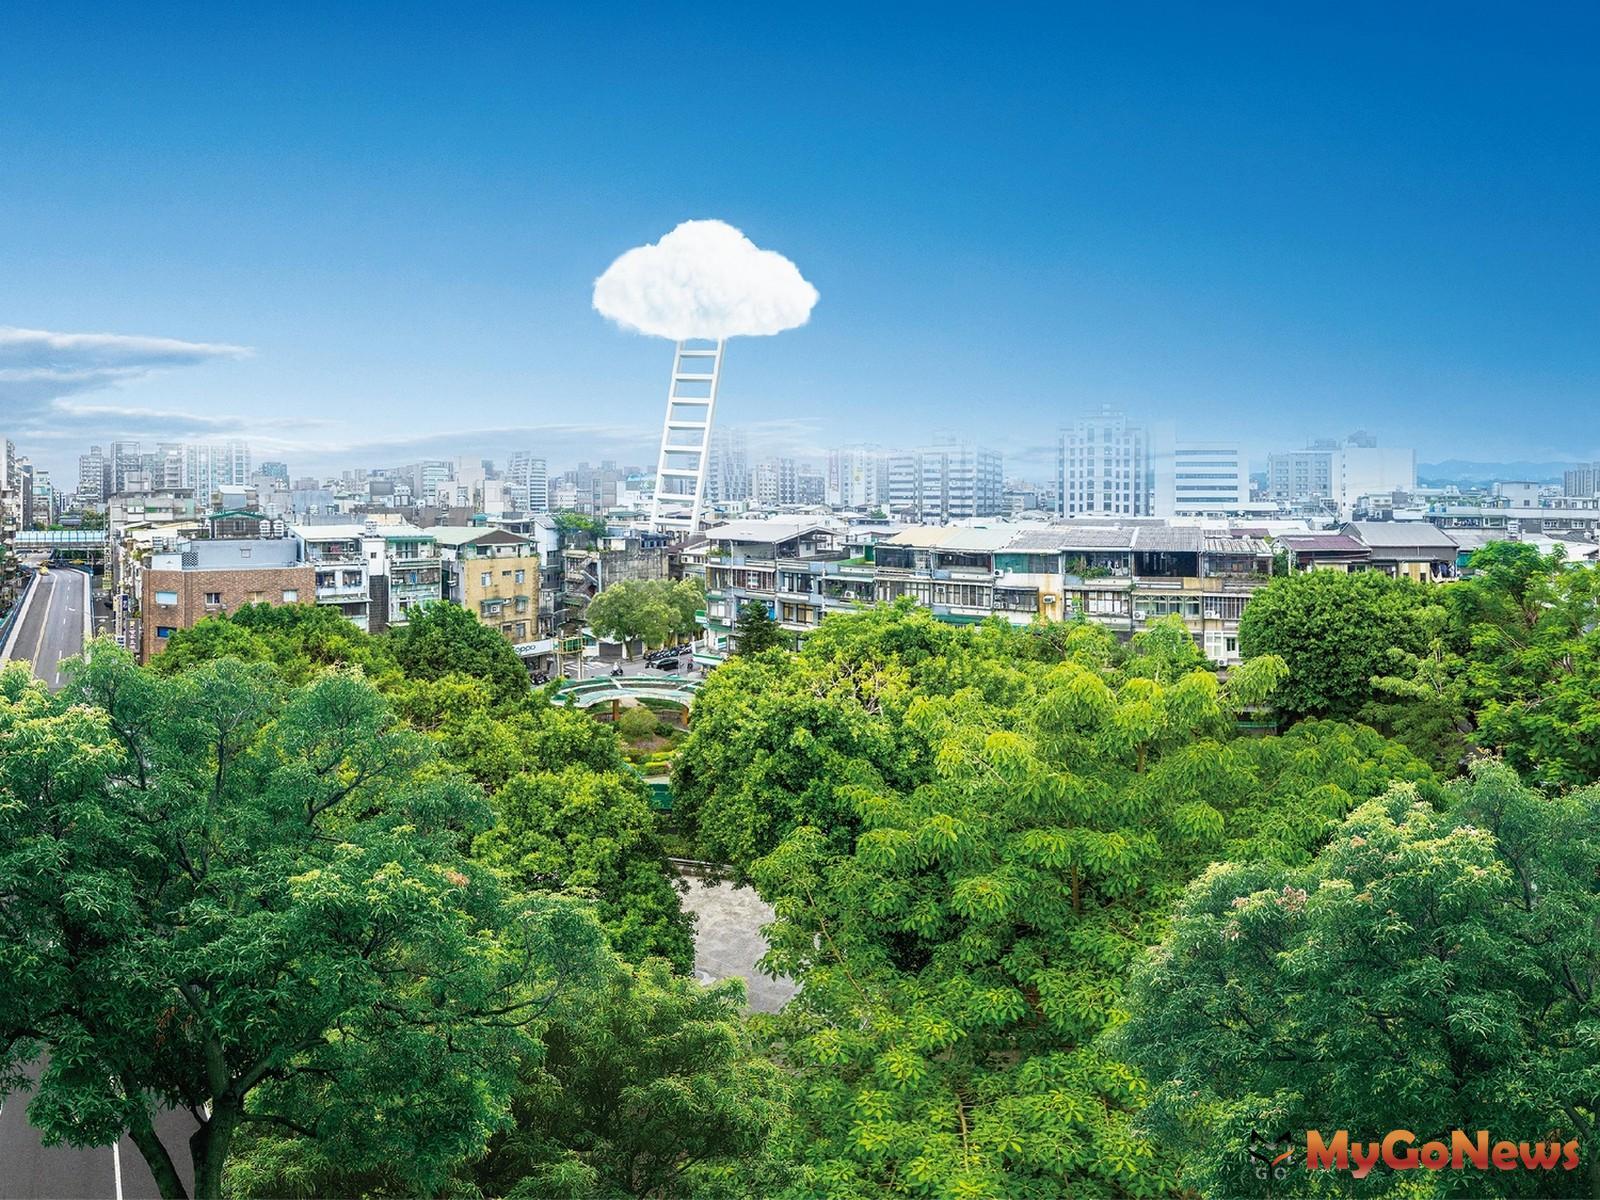 「原樹」為稀有的大街廓黃金角地,且部分戶別看出去為錦州公園,享有舒適的居住尺度與視野(圖/業者提供) MyGoNews房地產新聞 熱銷推案